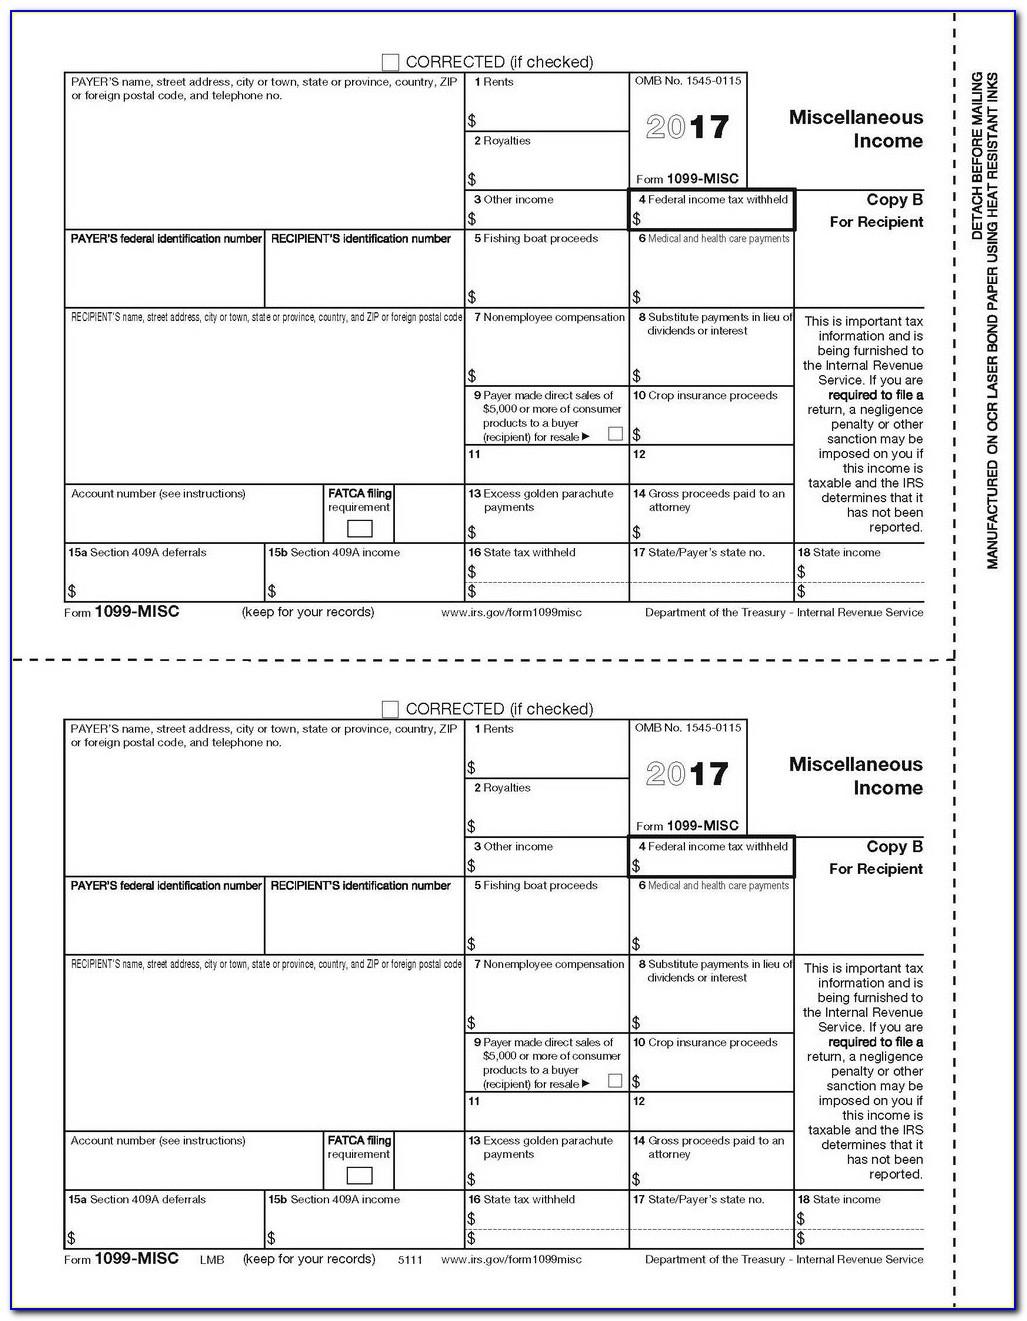 1099 Forms Irs.gov